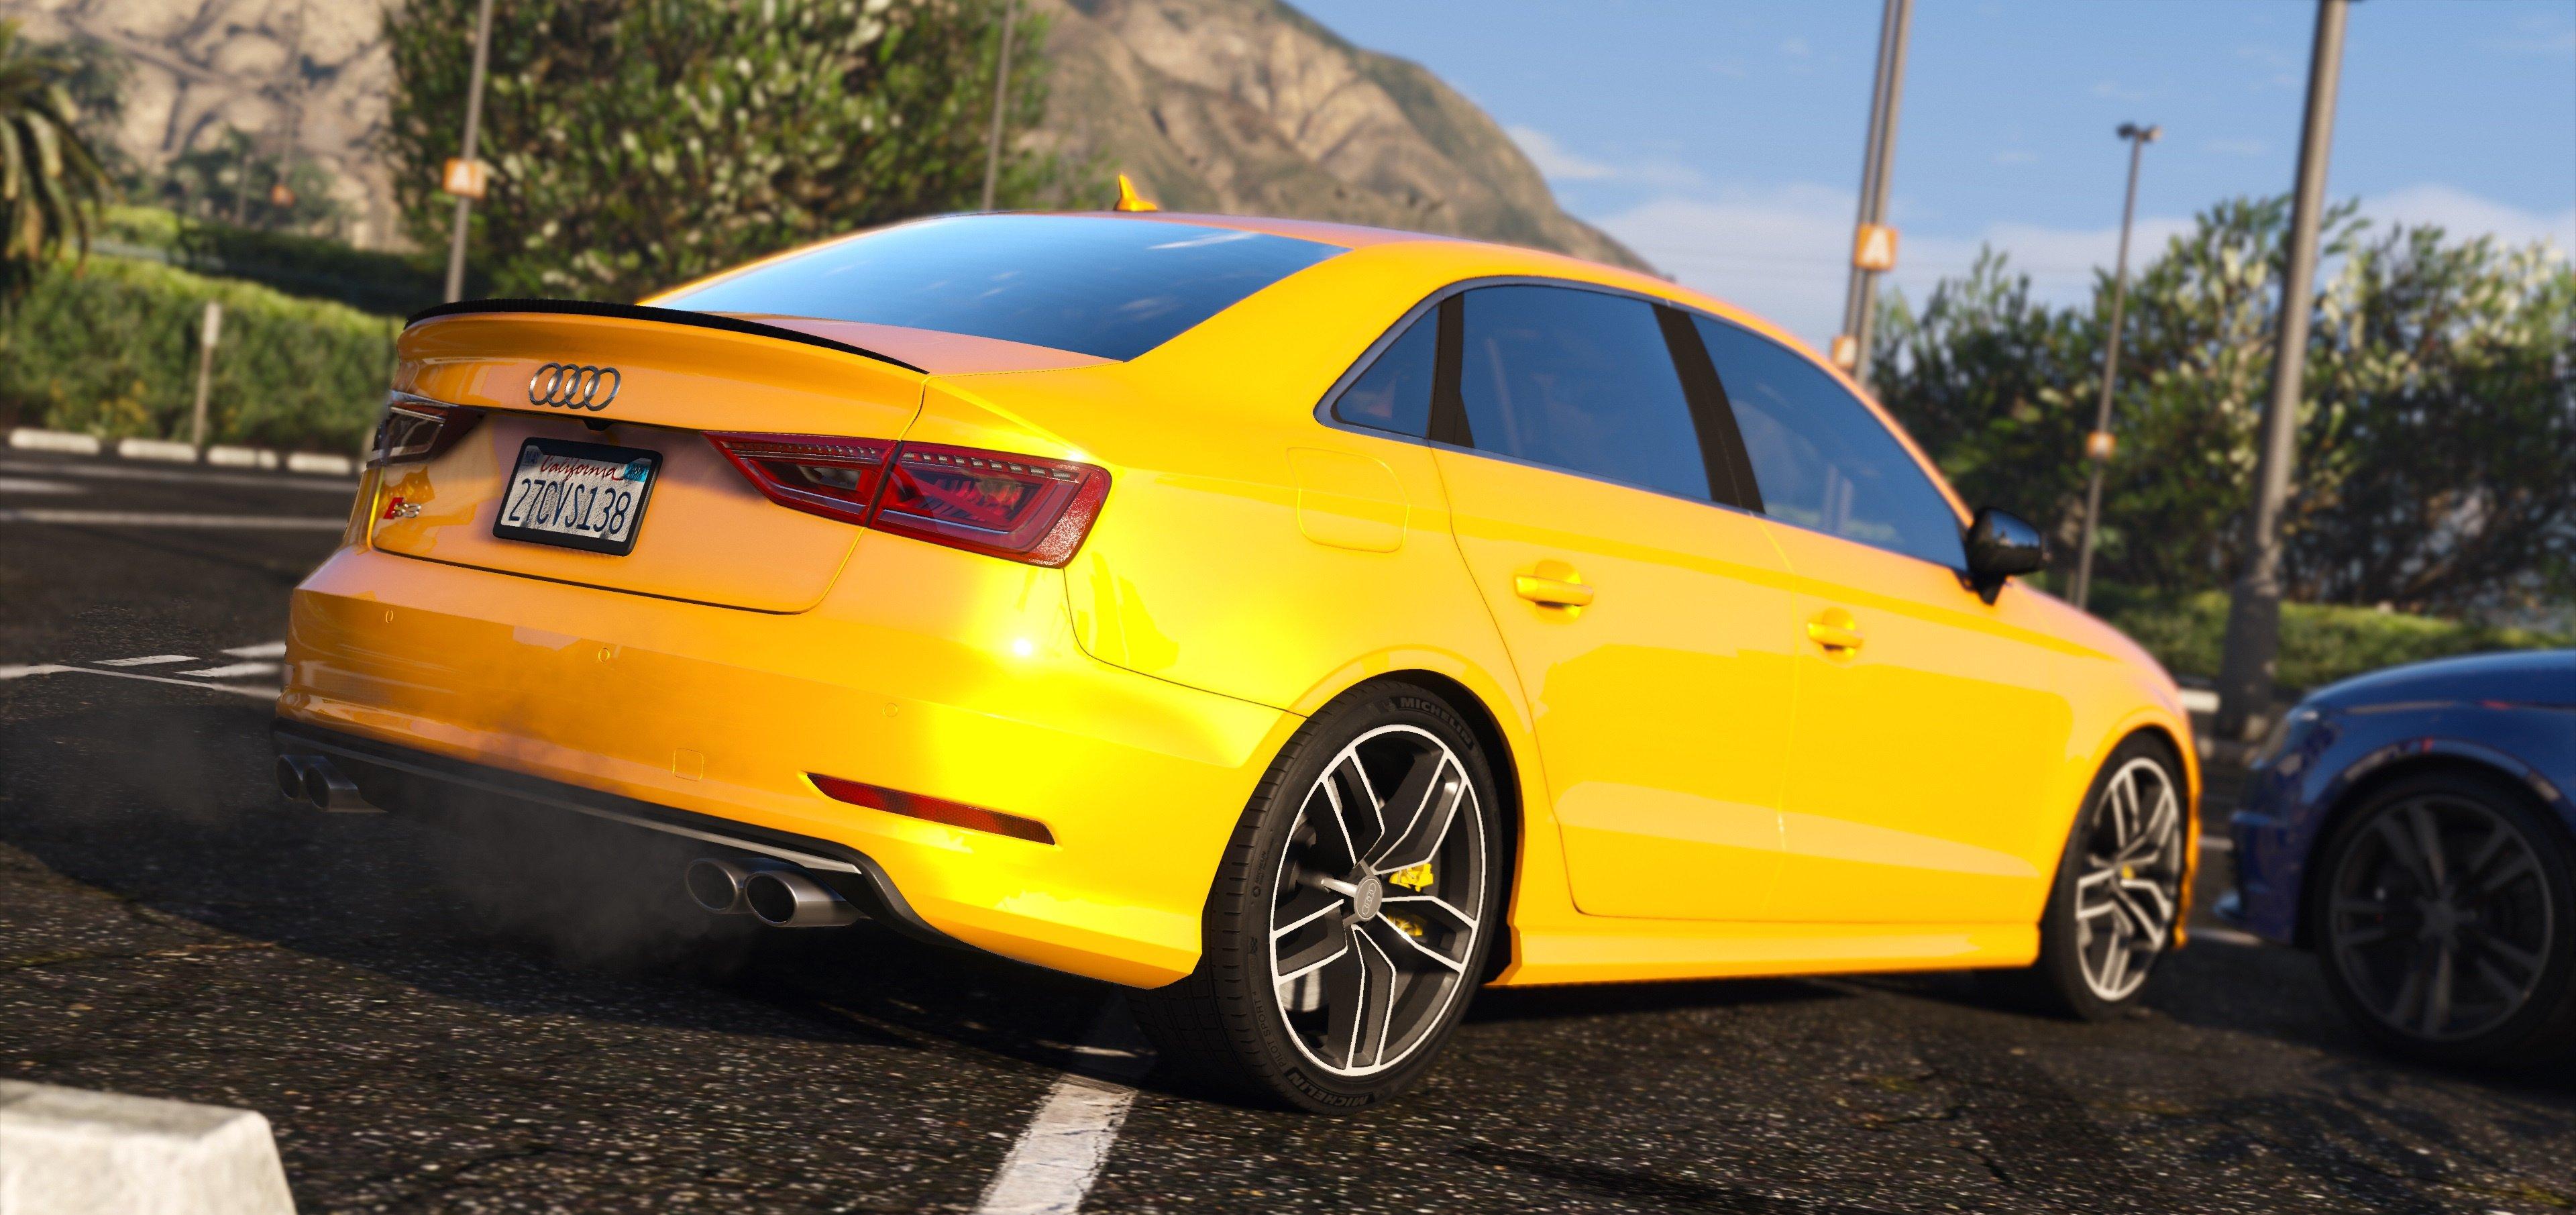 2015 Audi A3 / S3 Sedan